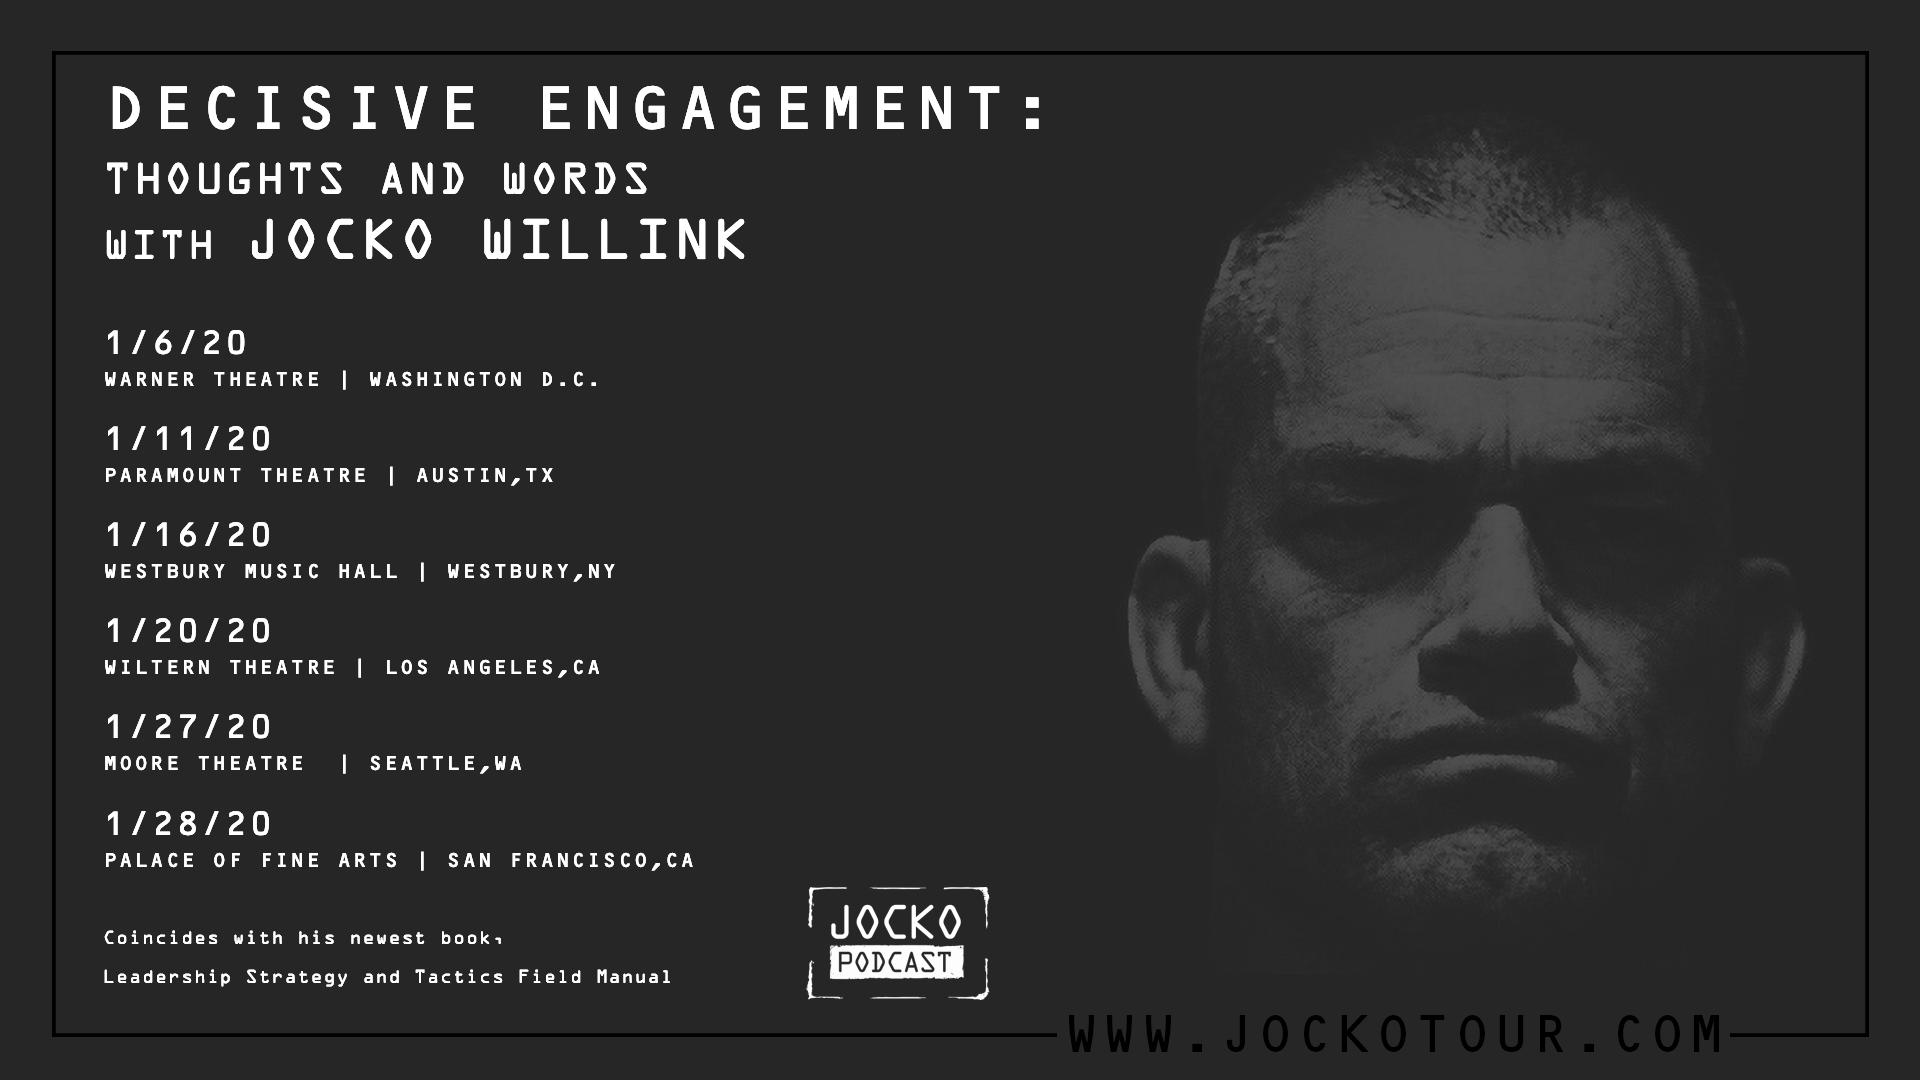 jocko willink wallpapers top free